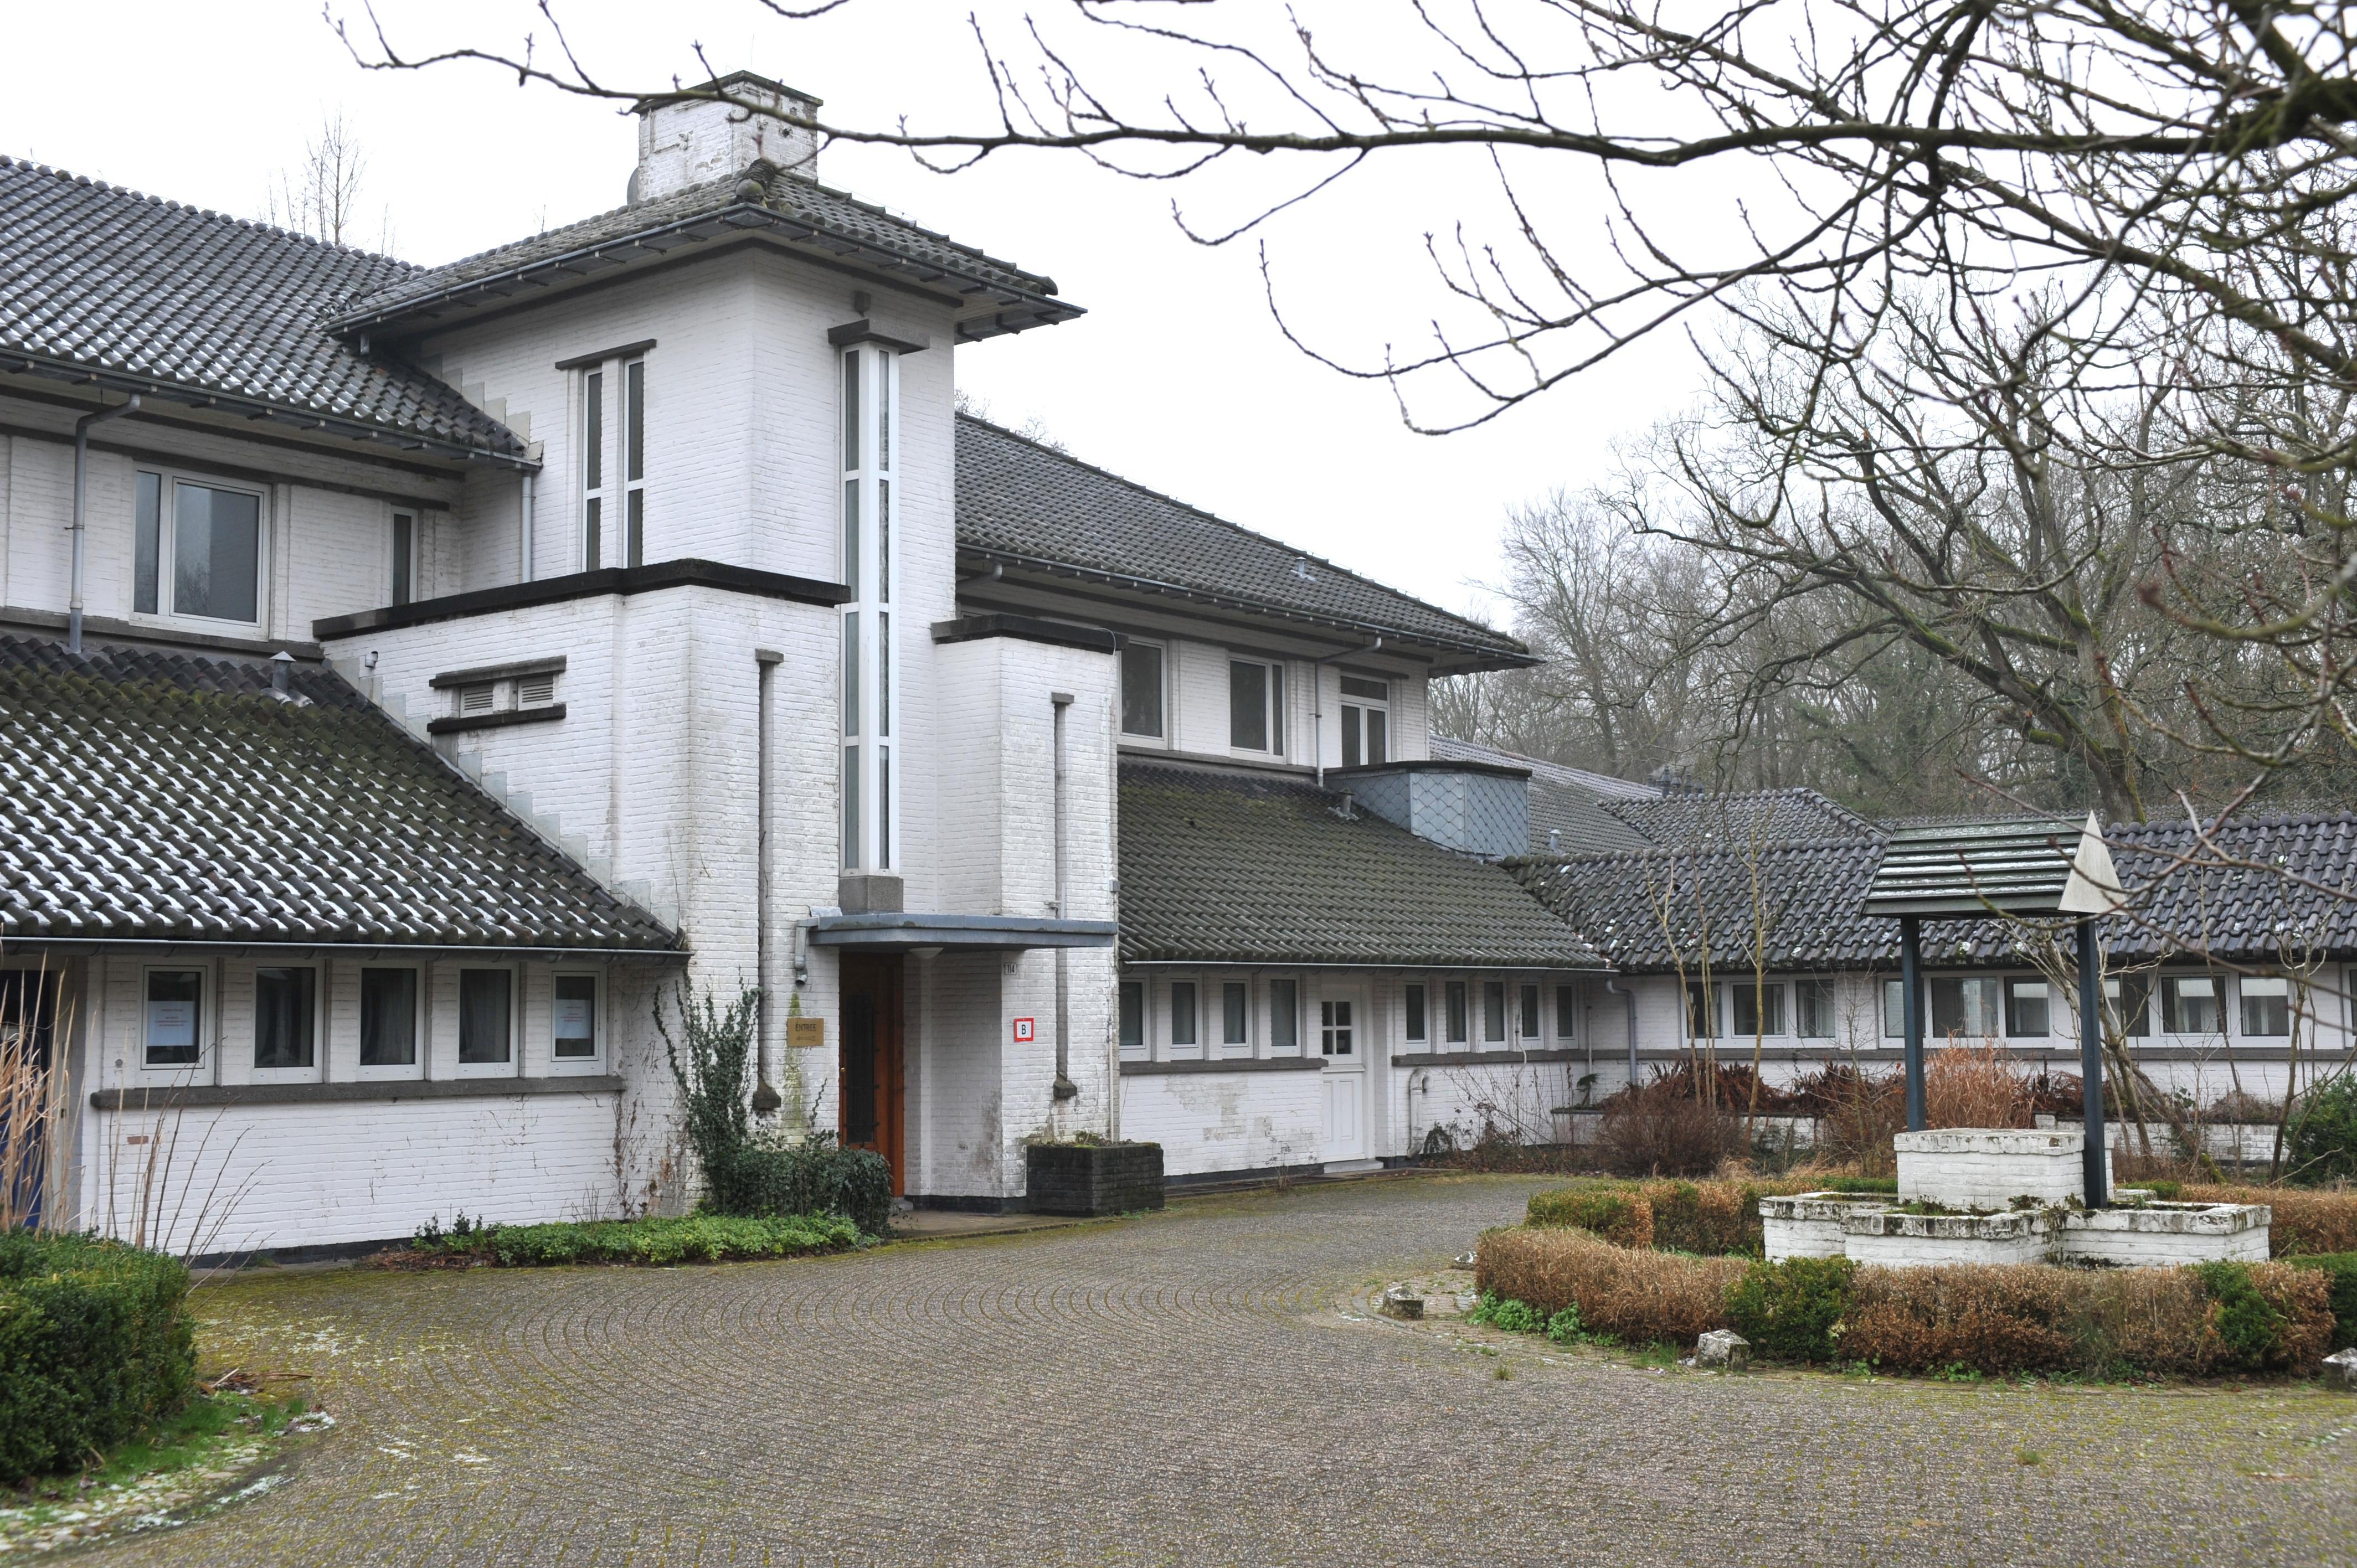 Minderjarige verdachten van steekincident in Castricum waren pupillen van de gesloten jeugdzorginstelling Antonius. Eén ontsnapte via een dakraam, anderen waren niet teruggekeerd van verlof